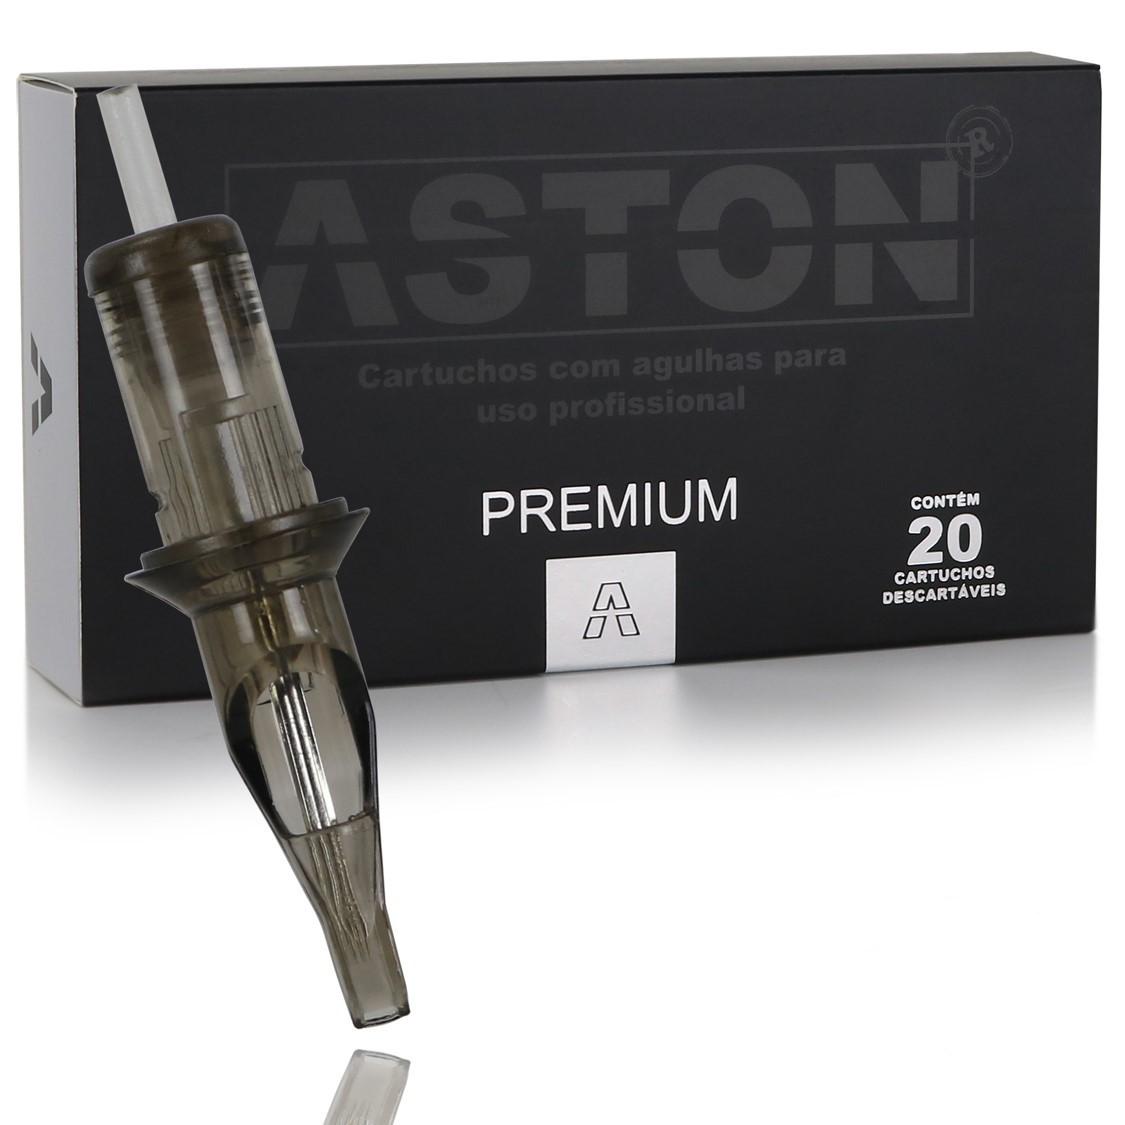 CAIXA CARTUCHO ASTON PREMIUM BUCHA RS (20 UN) - 1211RS